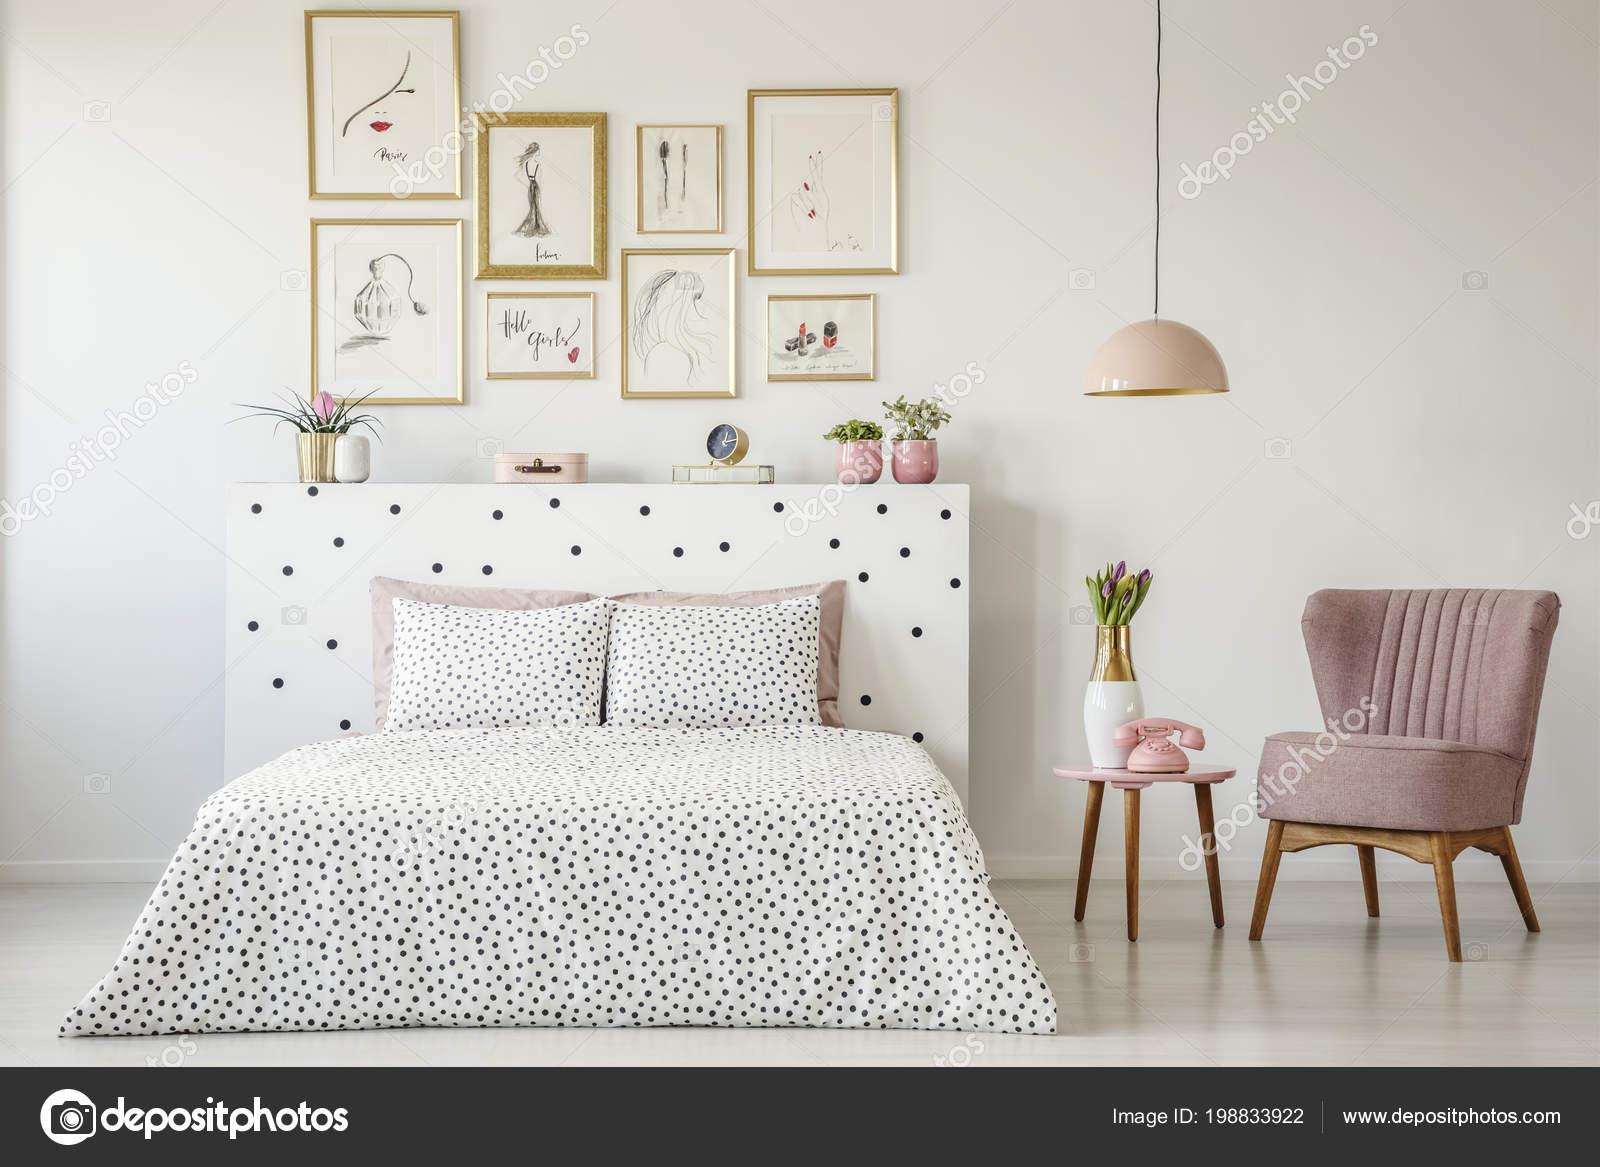 Punktiert Doppelbett Inmitten Einer Ruhigen Schlafzimmer Innenraum